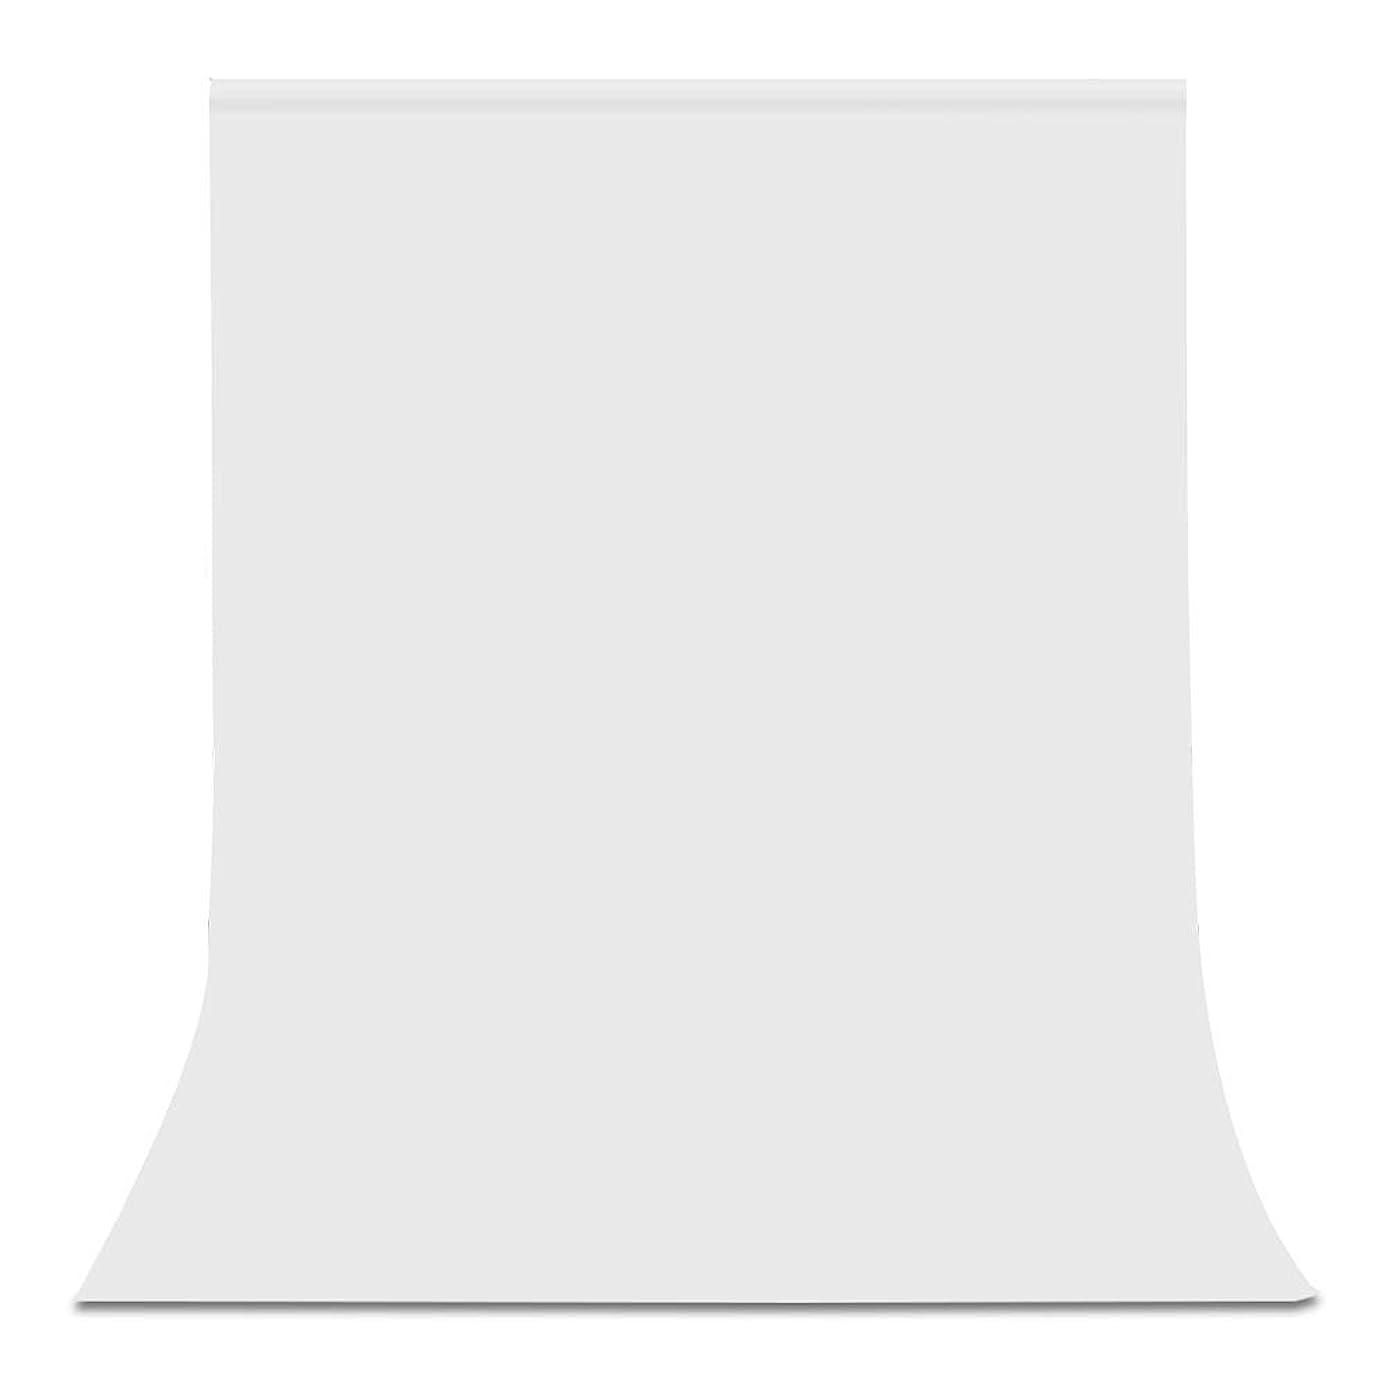 集計滝花嫁UTEBIT 背景 白 布 ポリエステル 生地 1.5m x 2.0m 背景紙 ホワイト 撮影 背景 スタンド 横ポール対応 バックスクリーン 写真撮影用 折りたたみ 撮影やビデオに対応 150 x 200cm